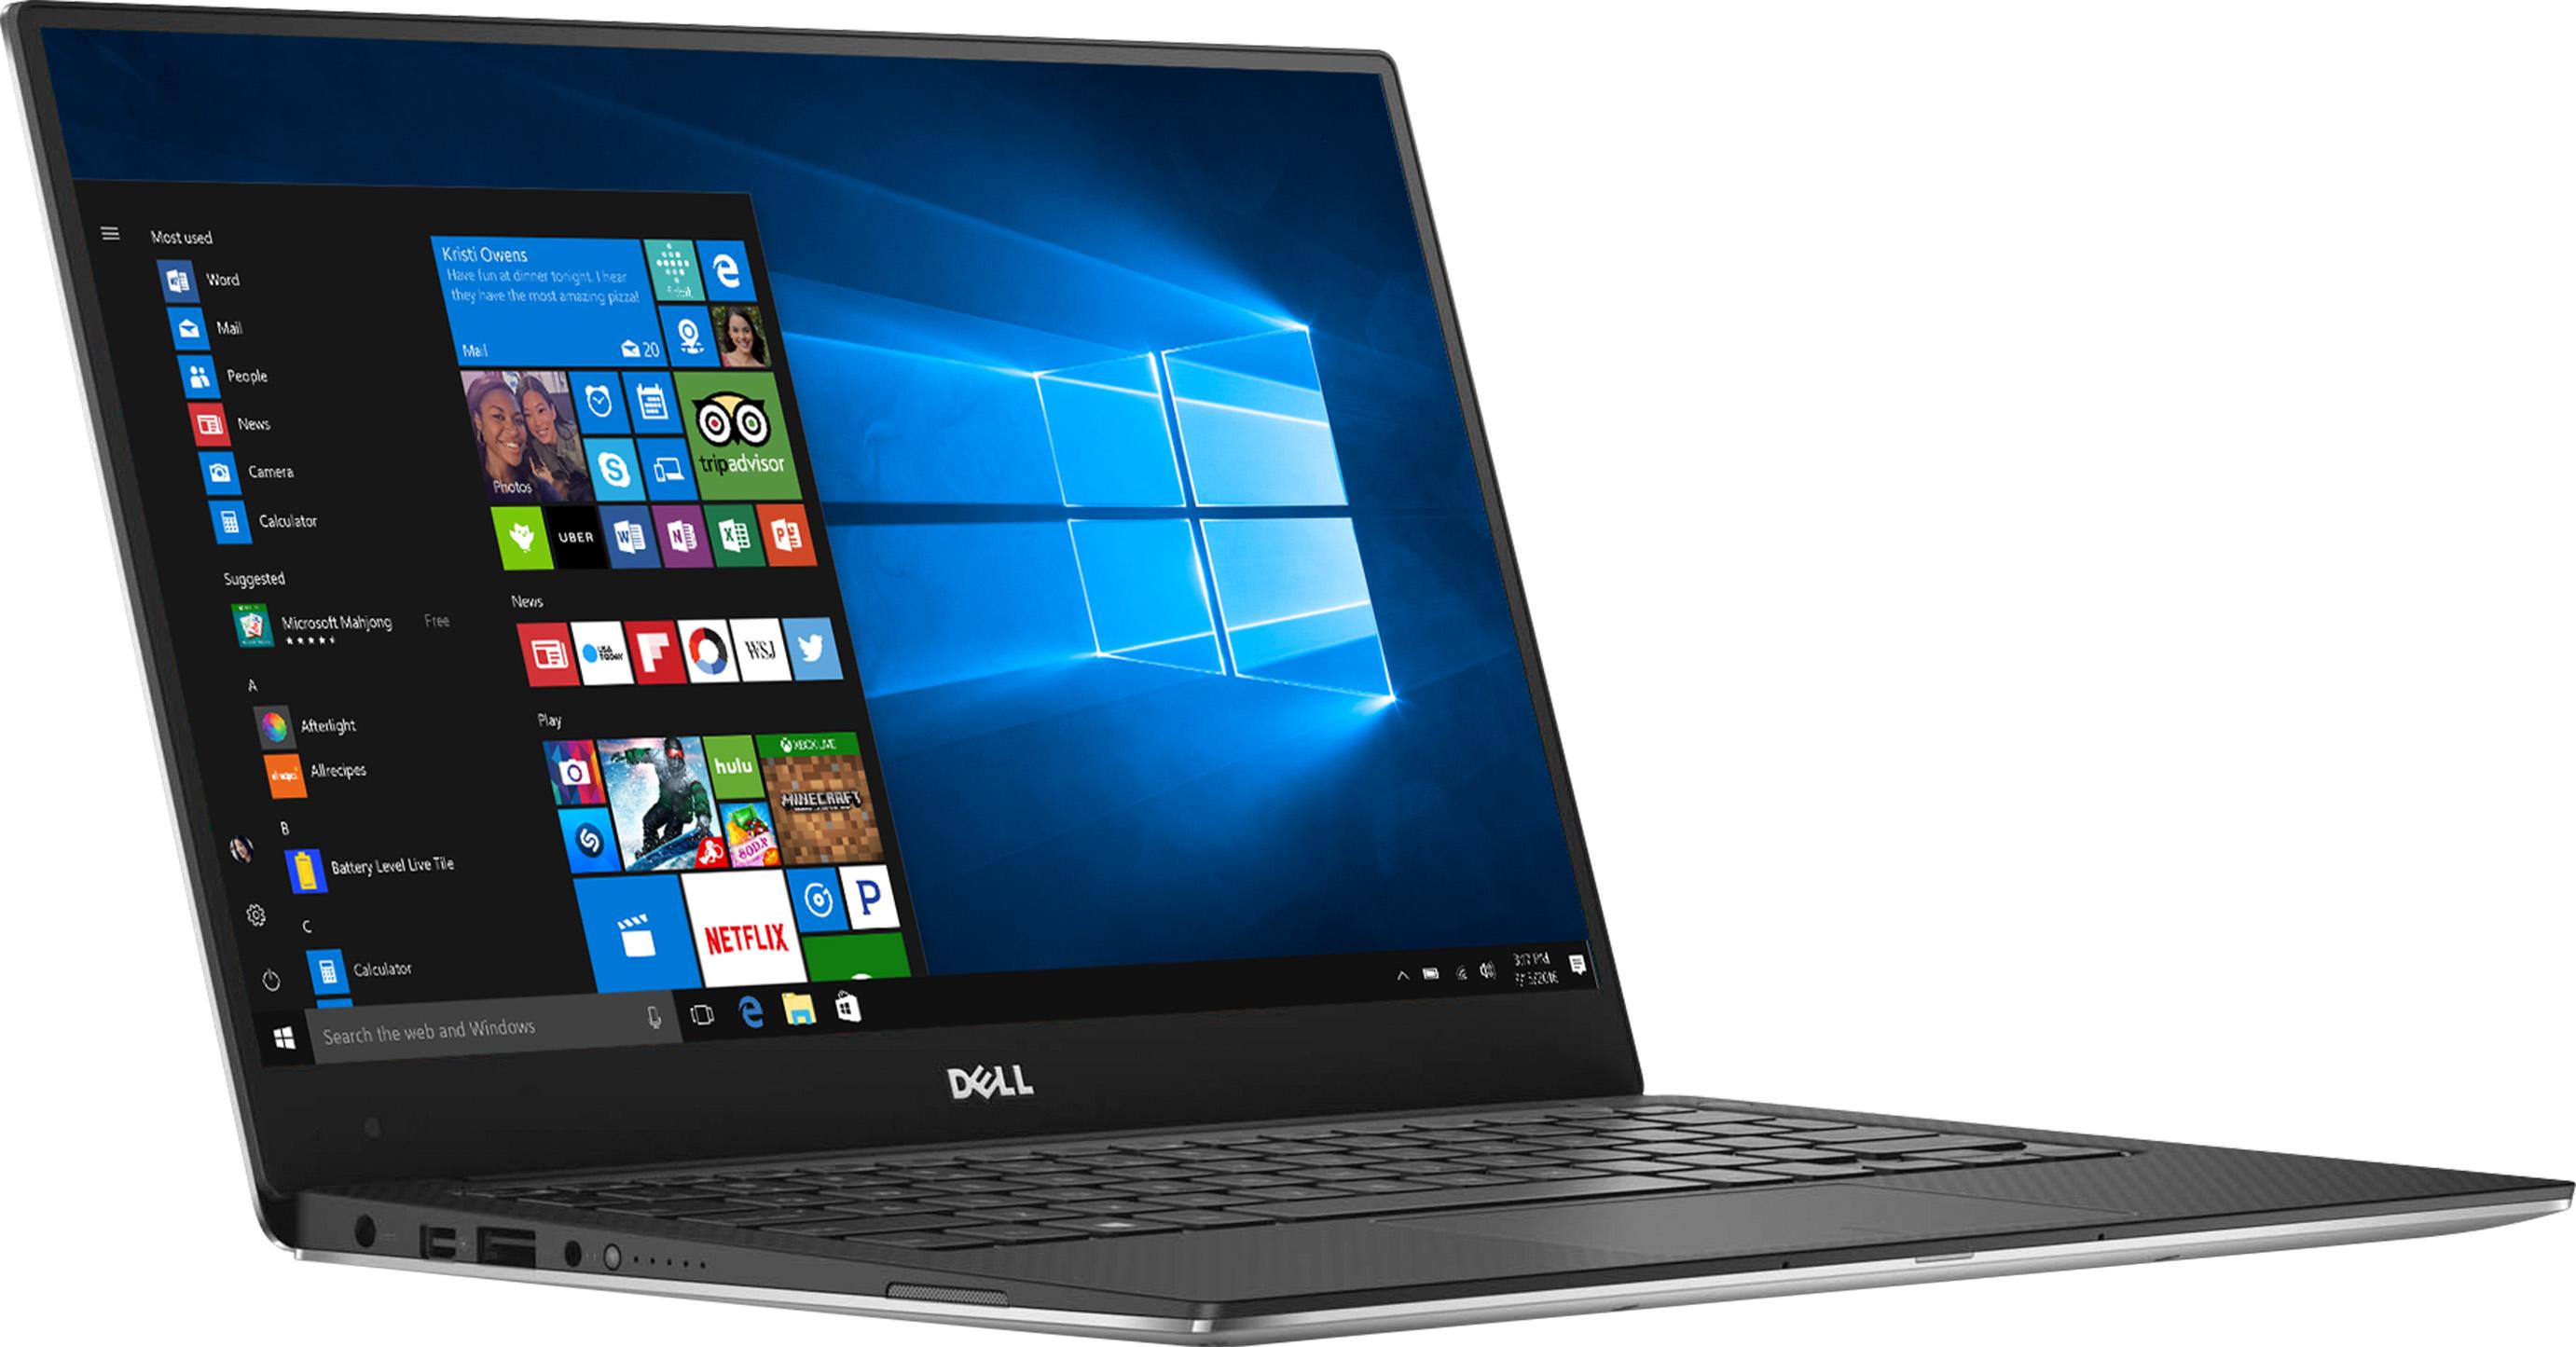 Dell XPS 15 9550-4444SLV Core i7 512GB Signature Edition Laptop